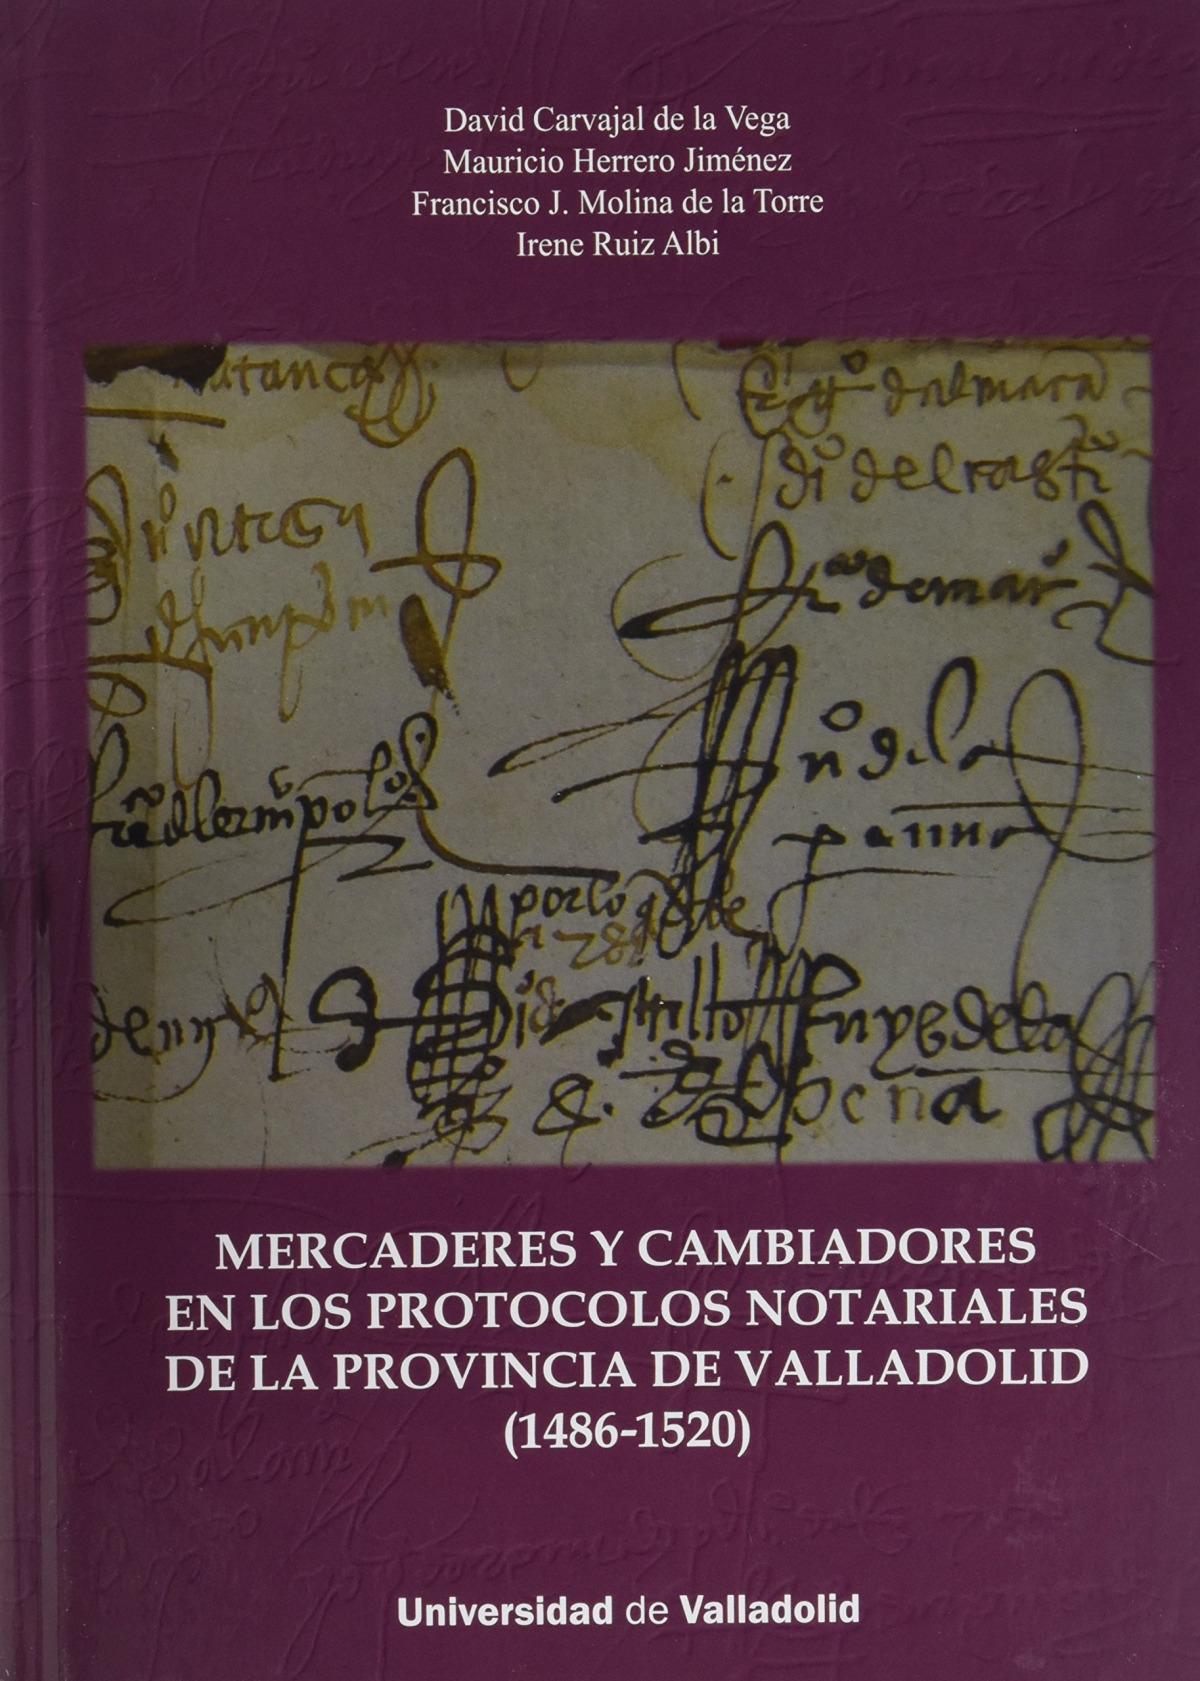 Mercaderes Y Cambiadores En Los Protocolos Notariales De La Provincia De Valladolid (1486-1520)